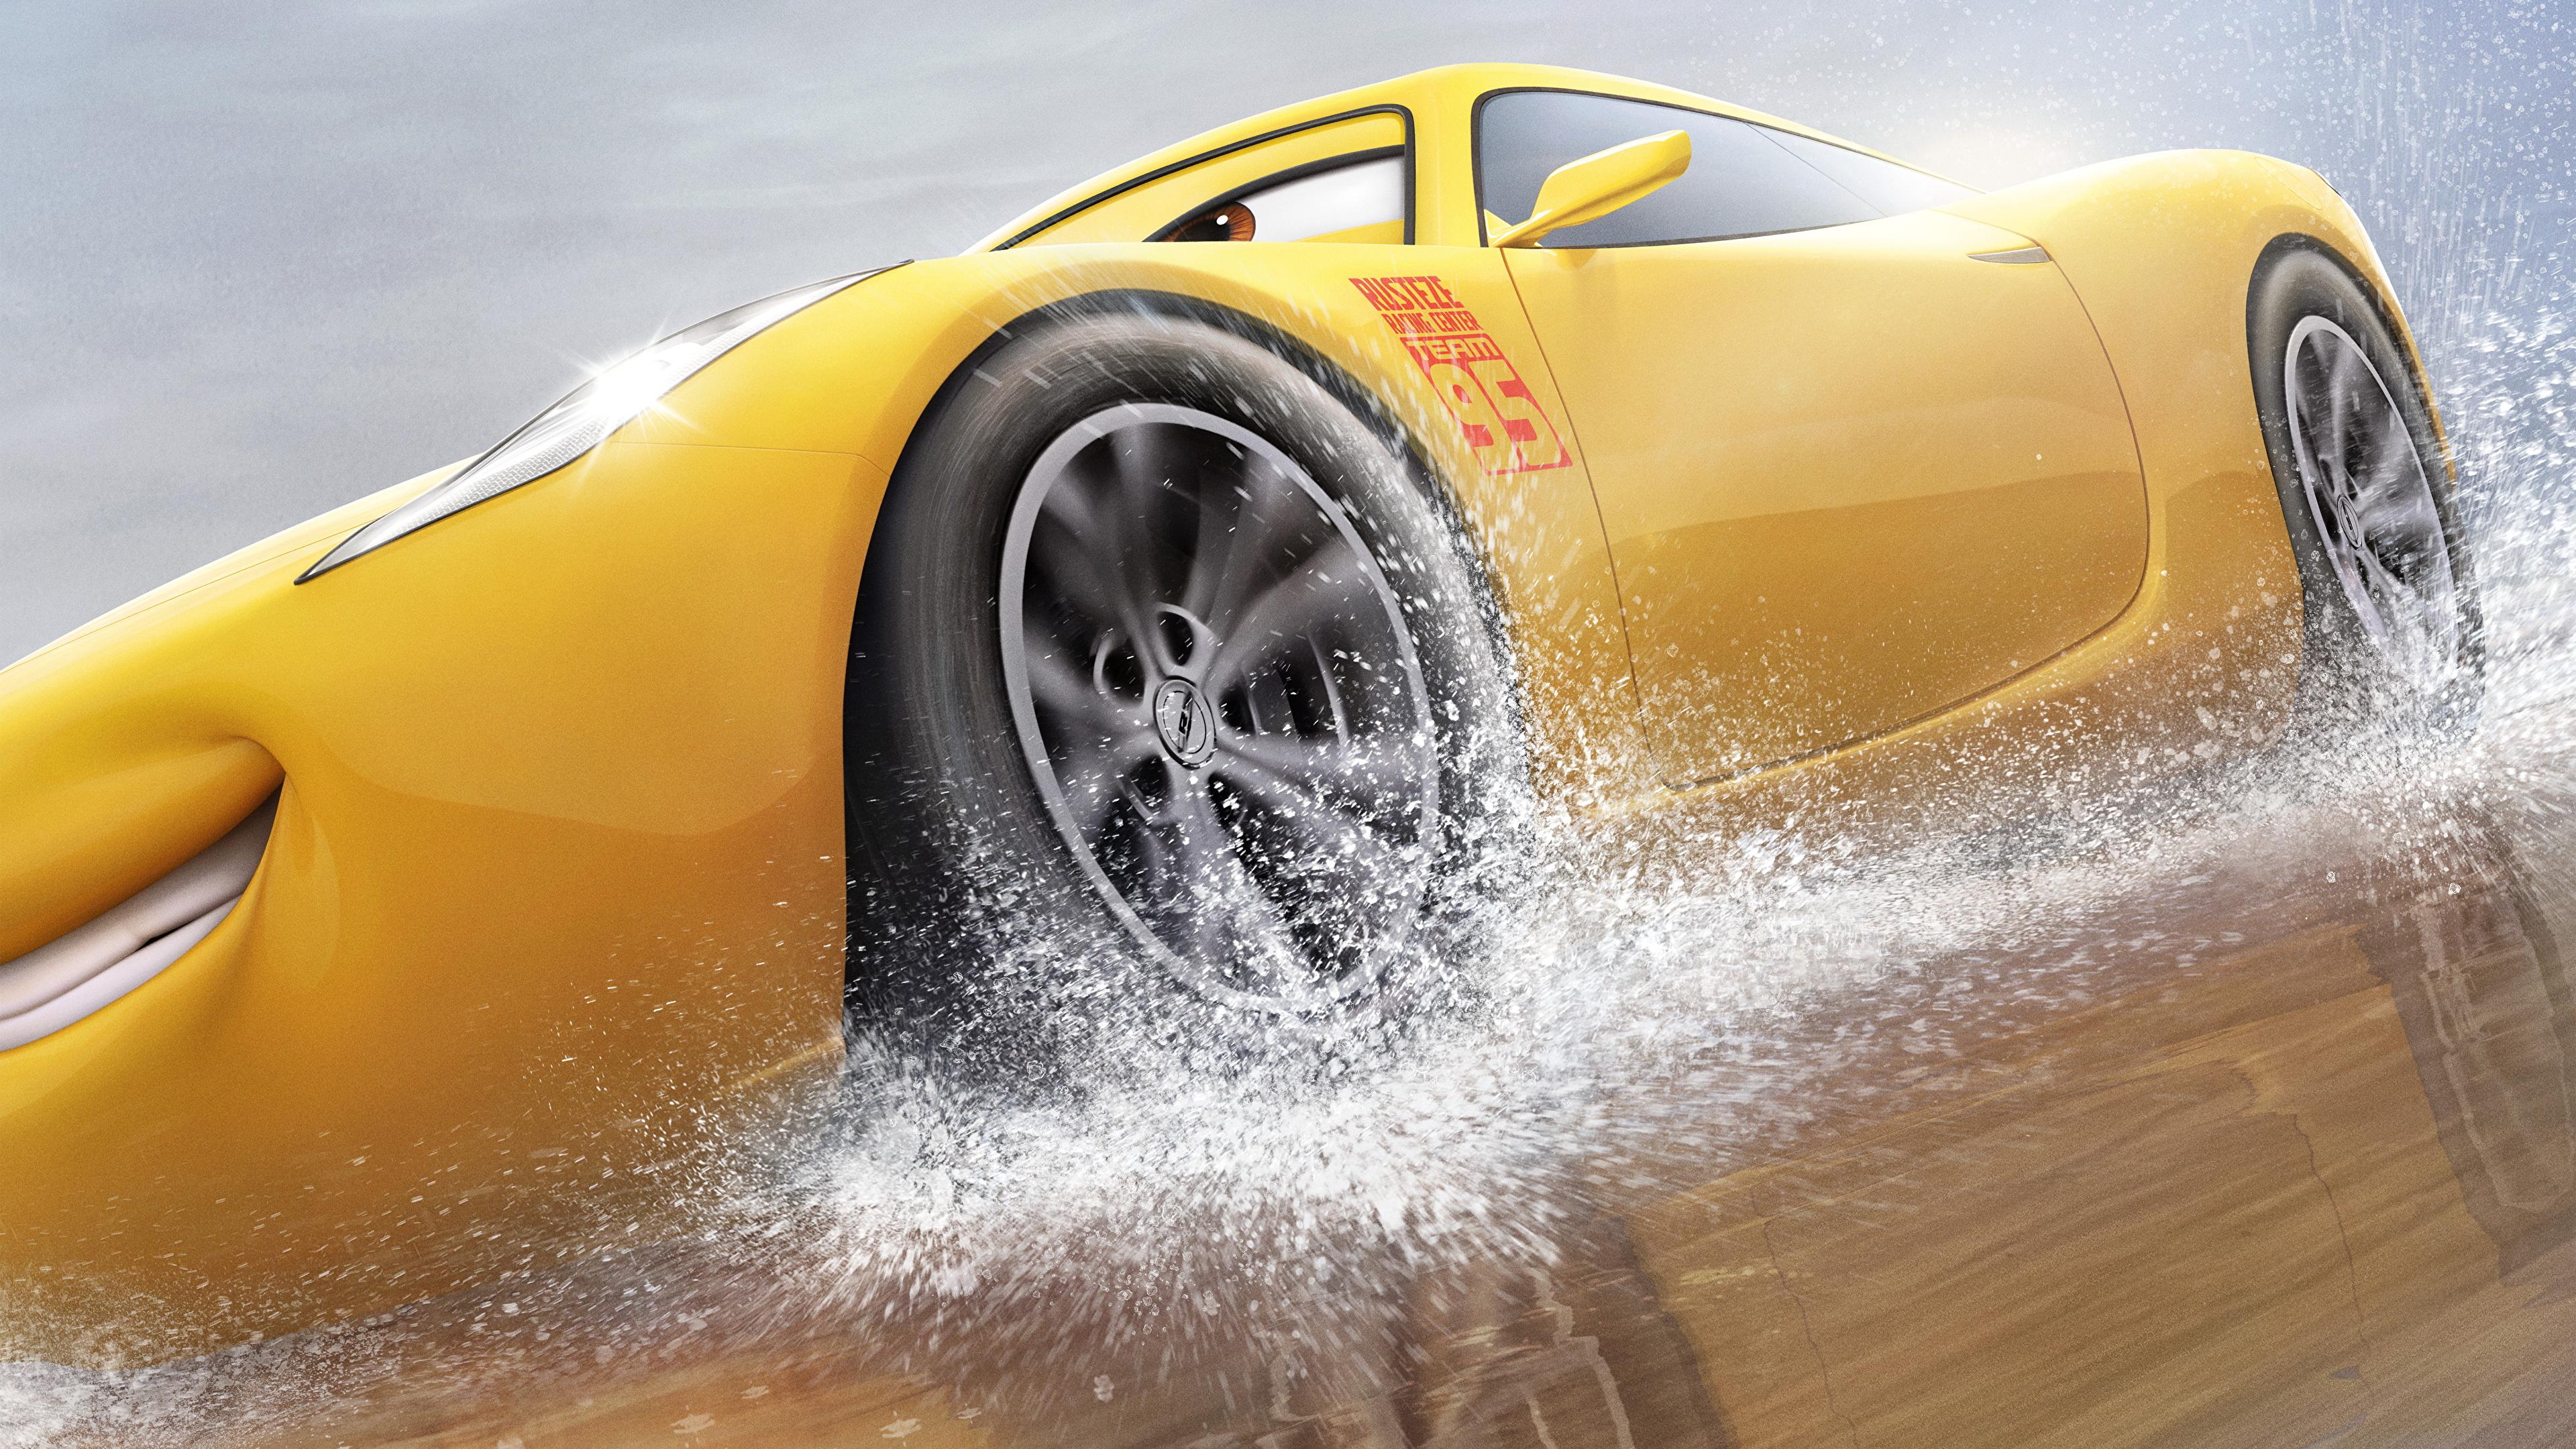 Fotos von Cars 3 Cruz Ramirez Gelb Animationsfilm 3840x2160 Zeichentrickfilm